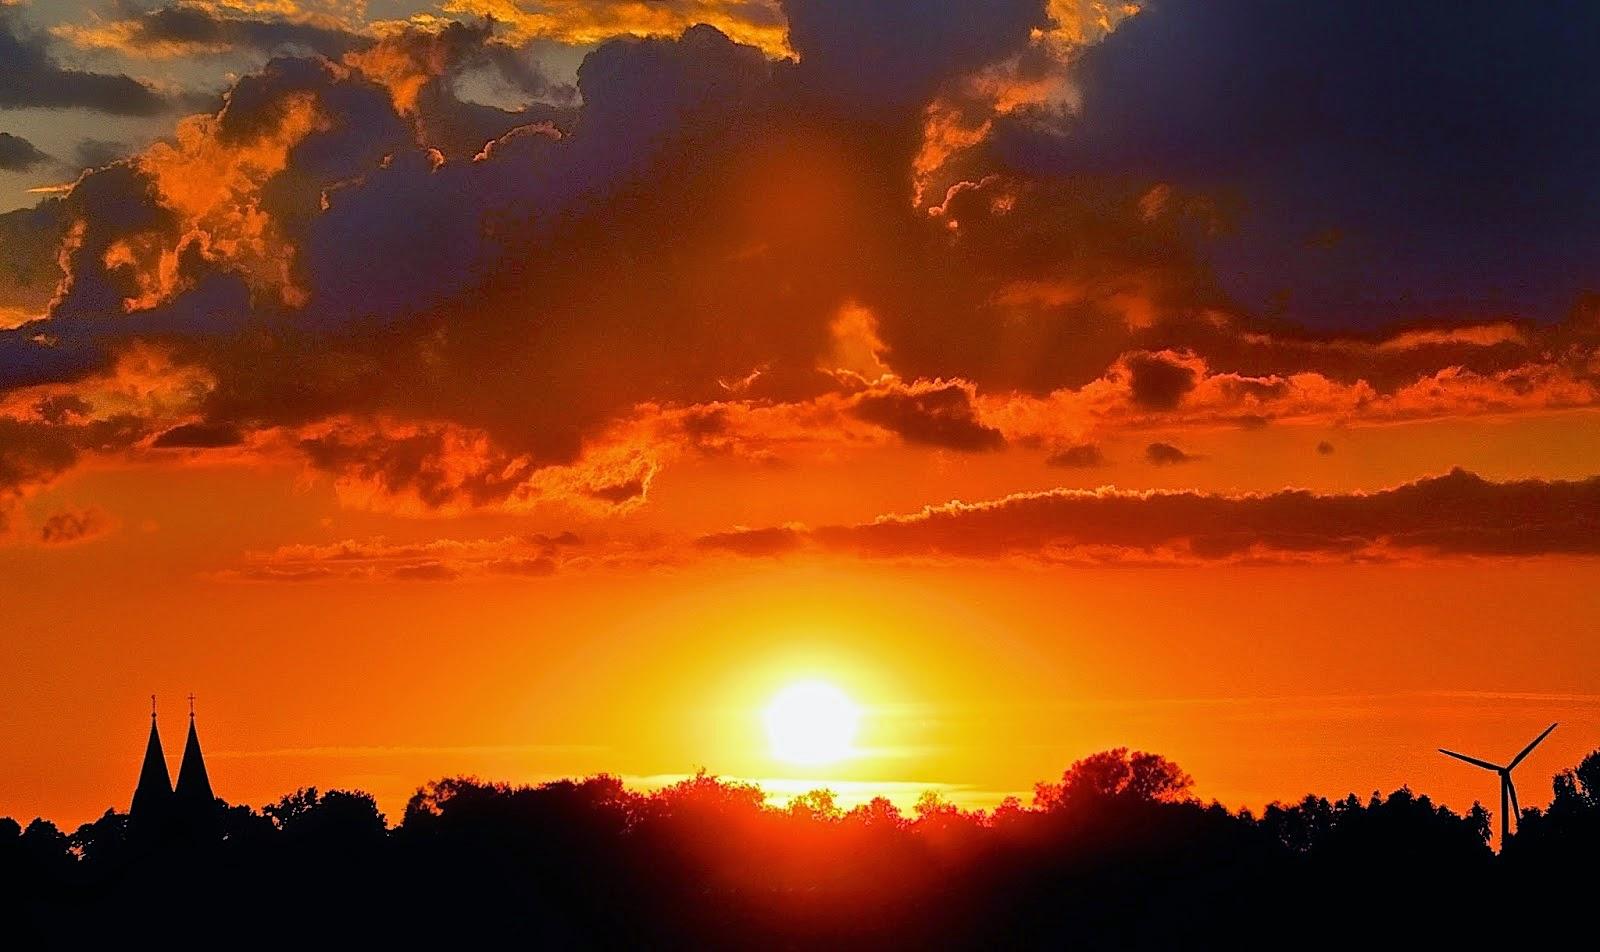 Guten Abend Bilder Home Facebook